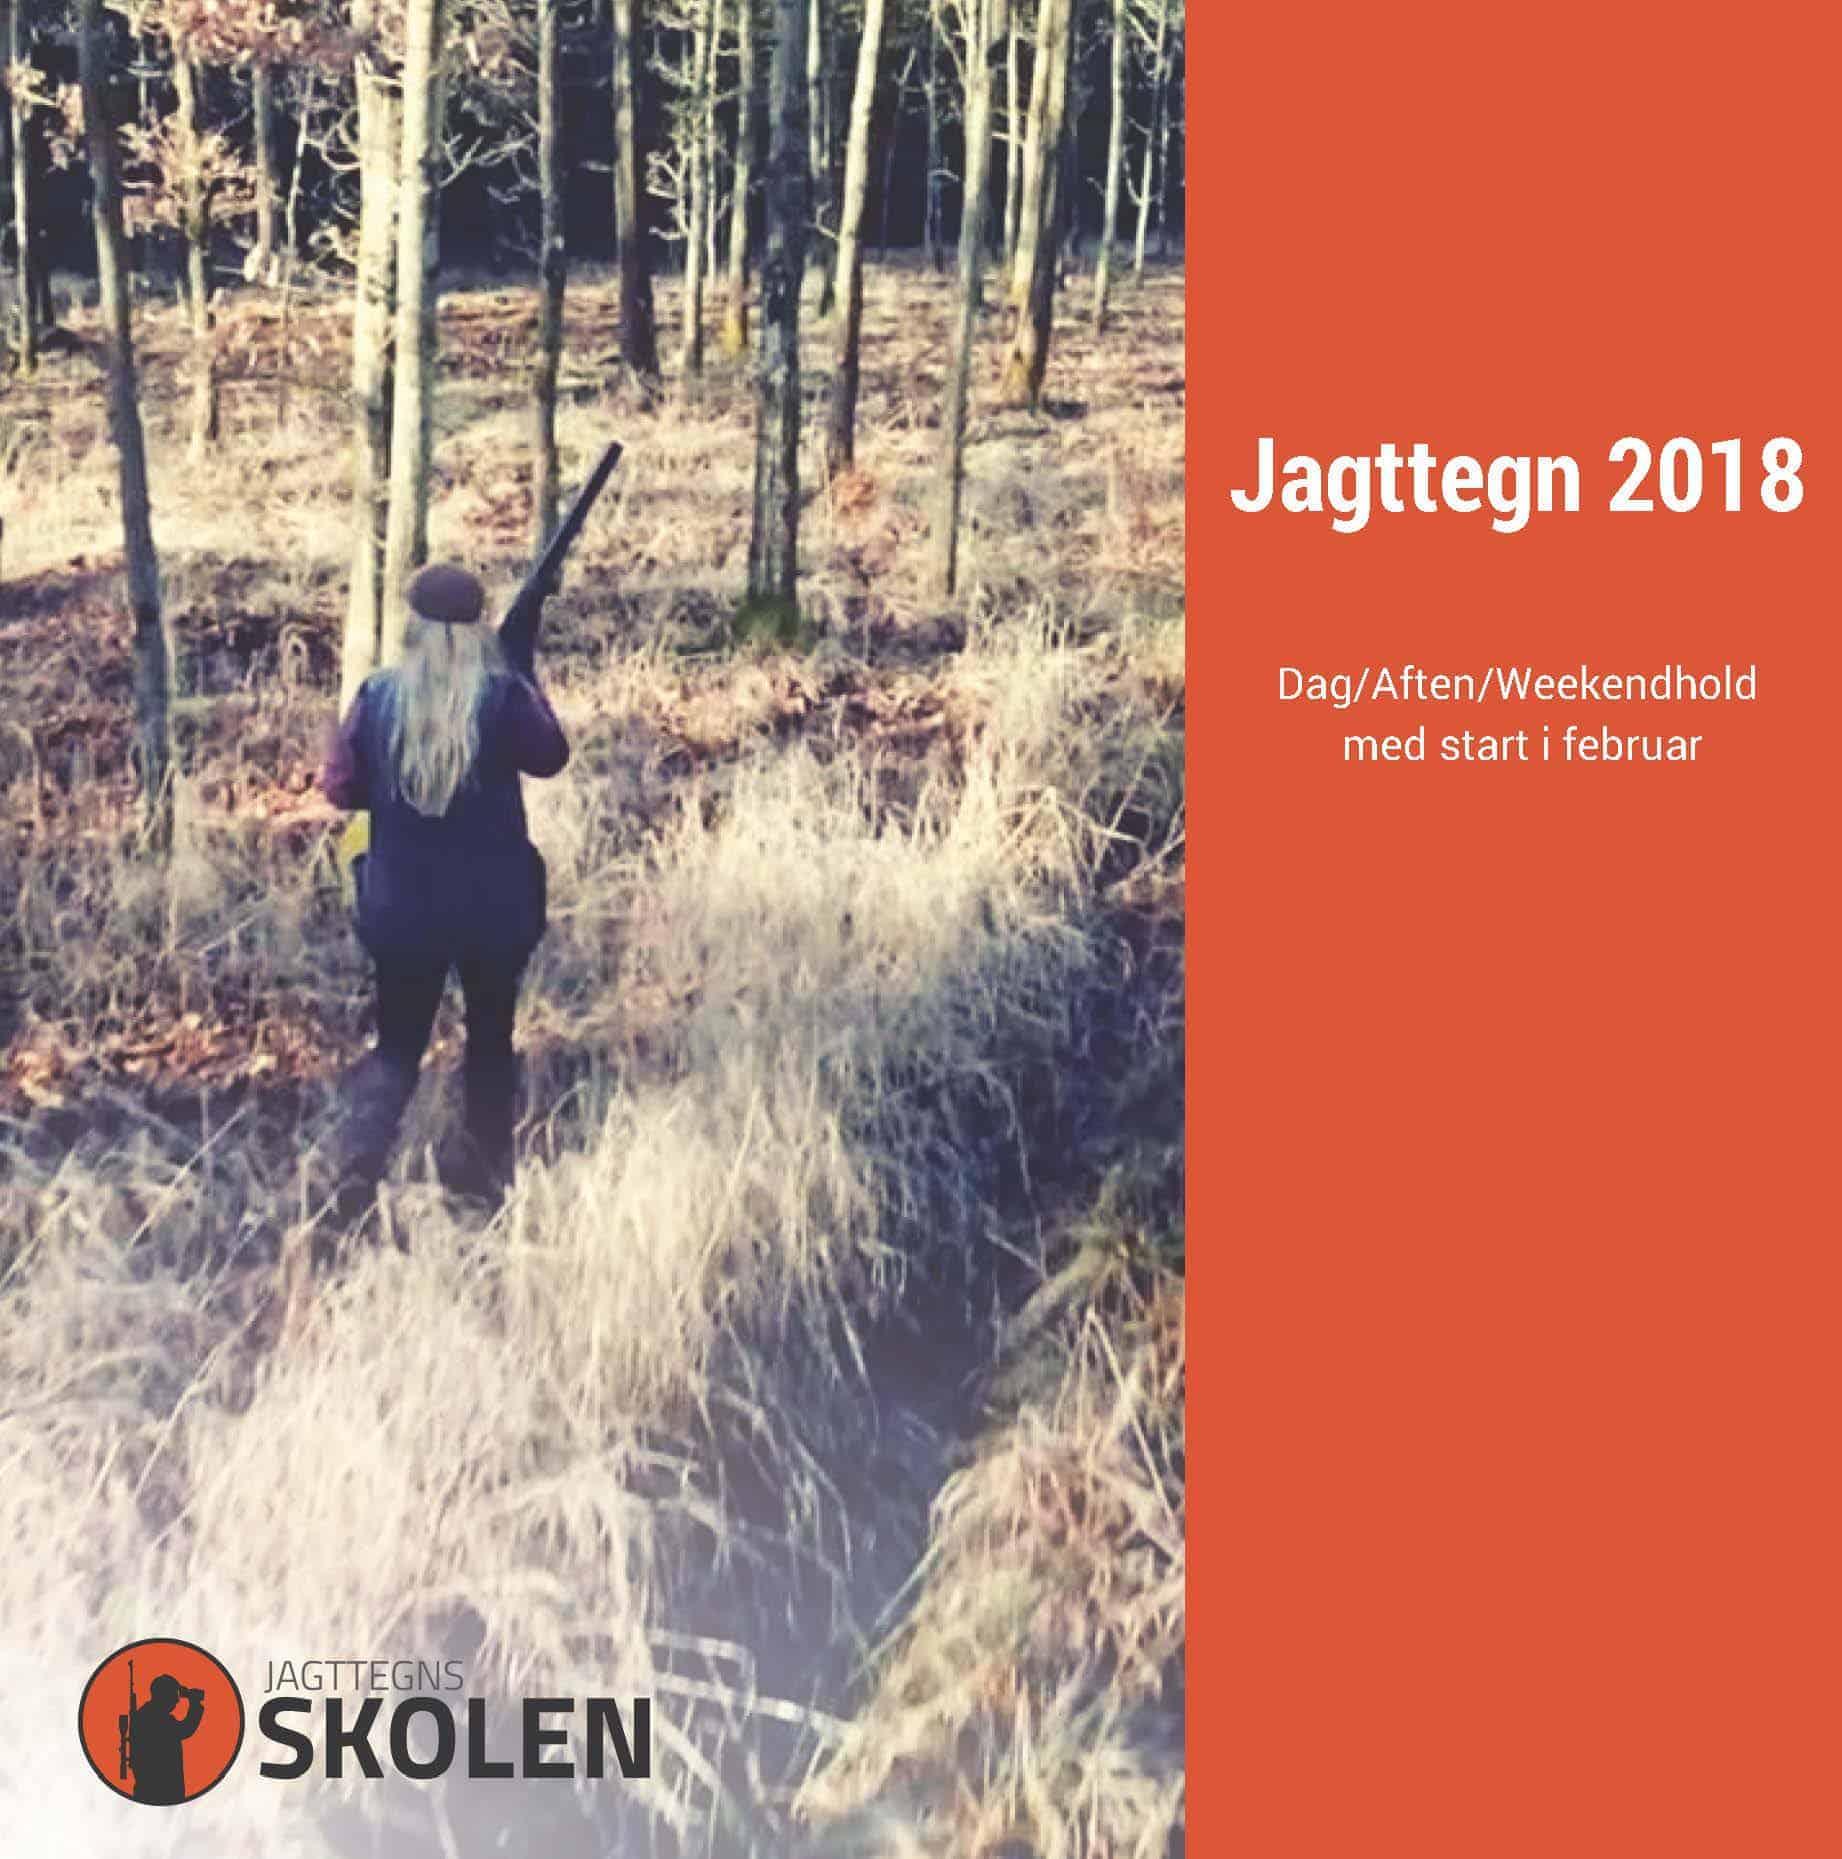 jagttegn-2018